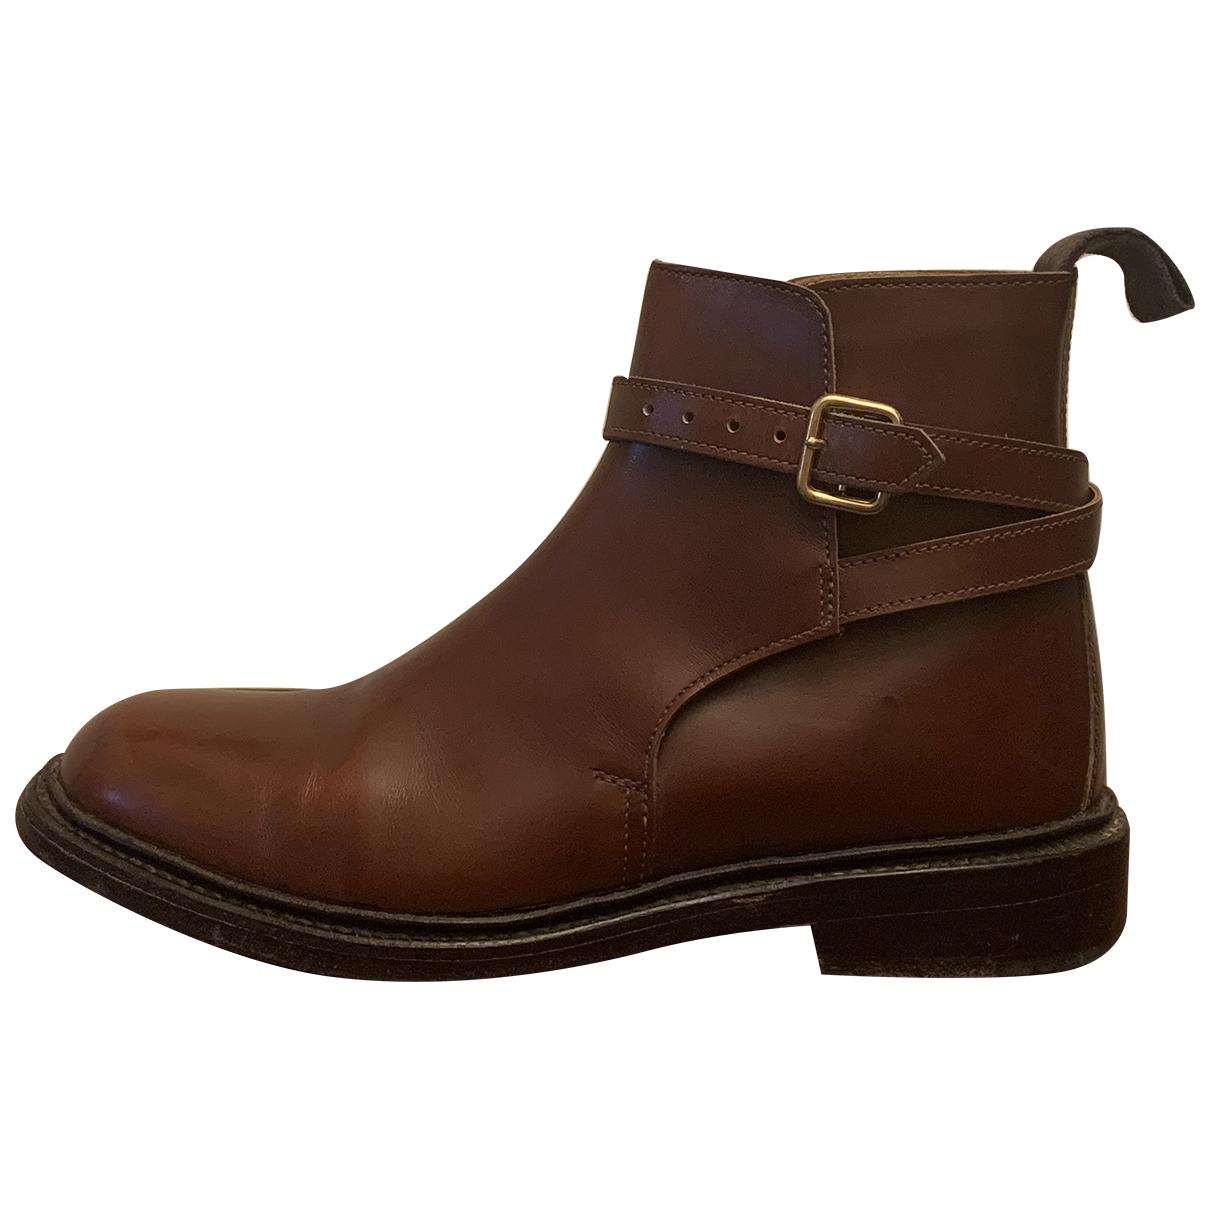 Trickers London - Boots   pour femme en cuir - marron